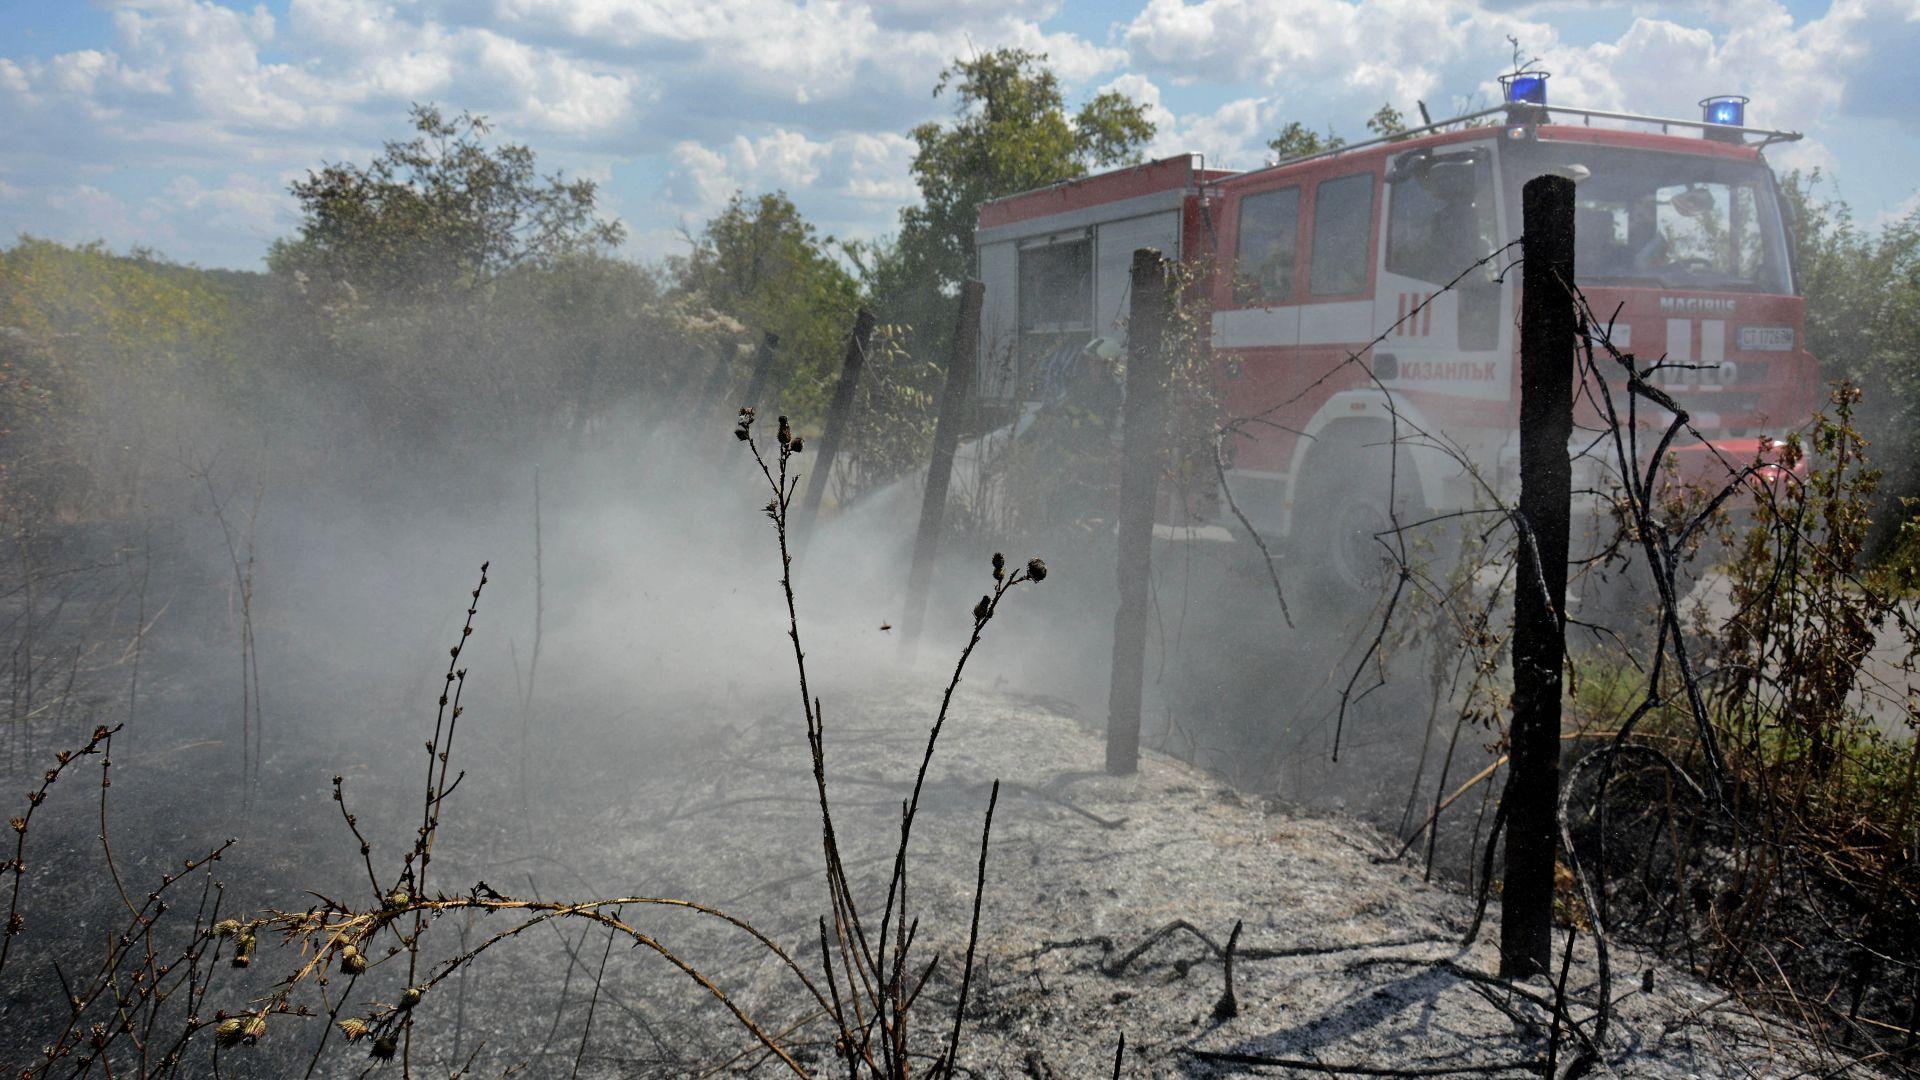 Големият пожар до Нова Загора е овладян. Кметица: Беше страшна безсънна нощ